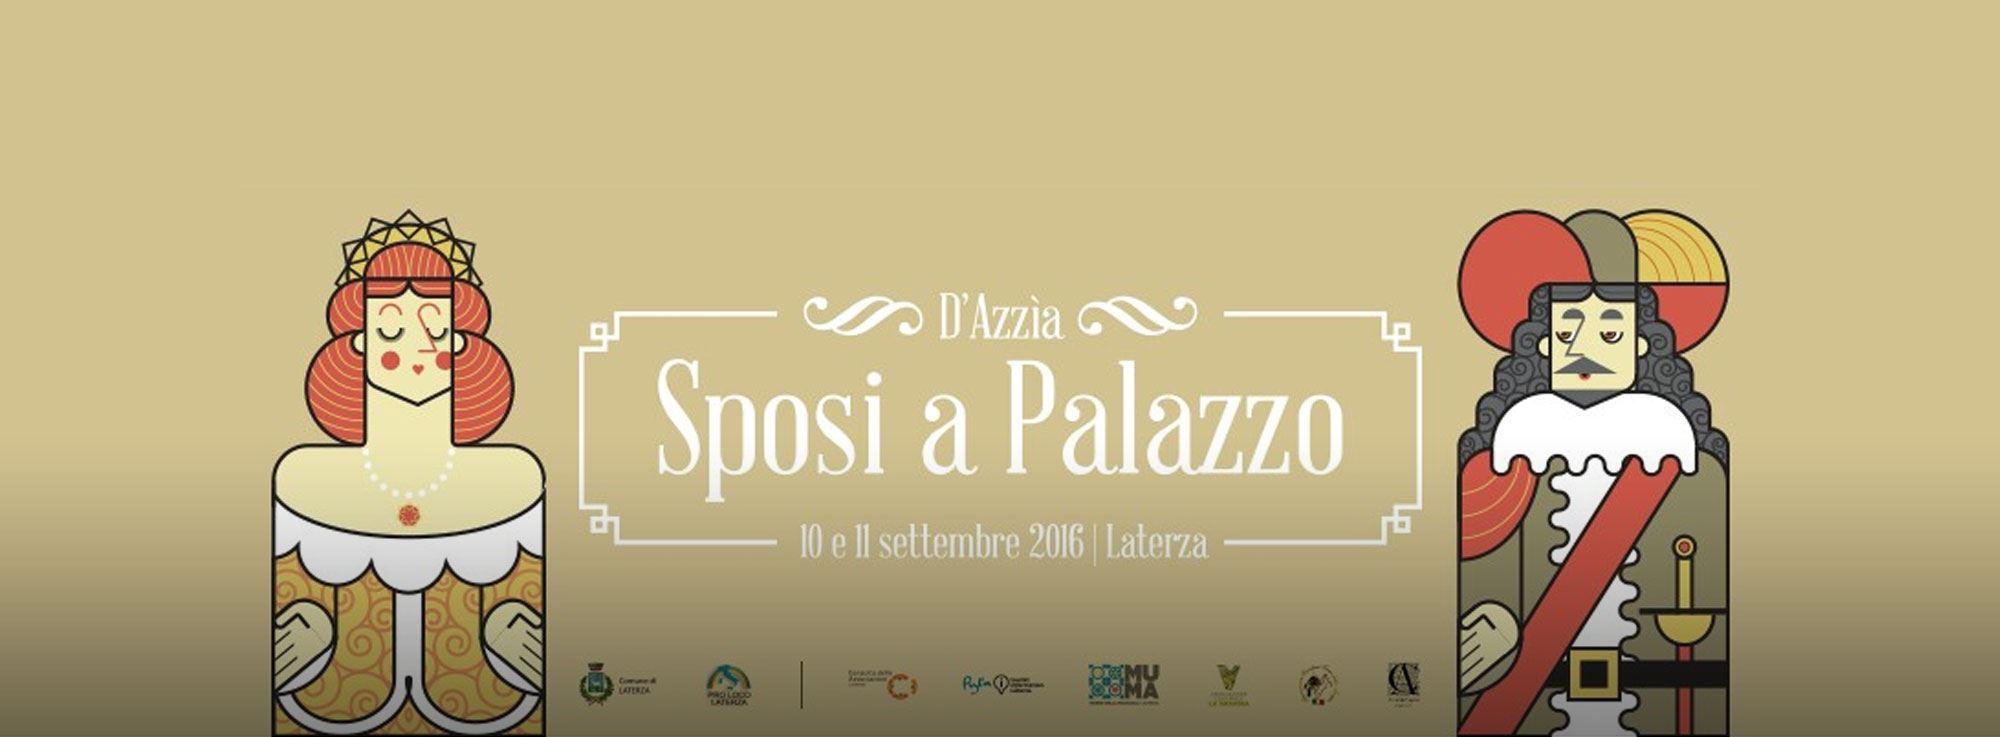 Laterza: Sposi a Palazzo